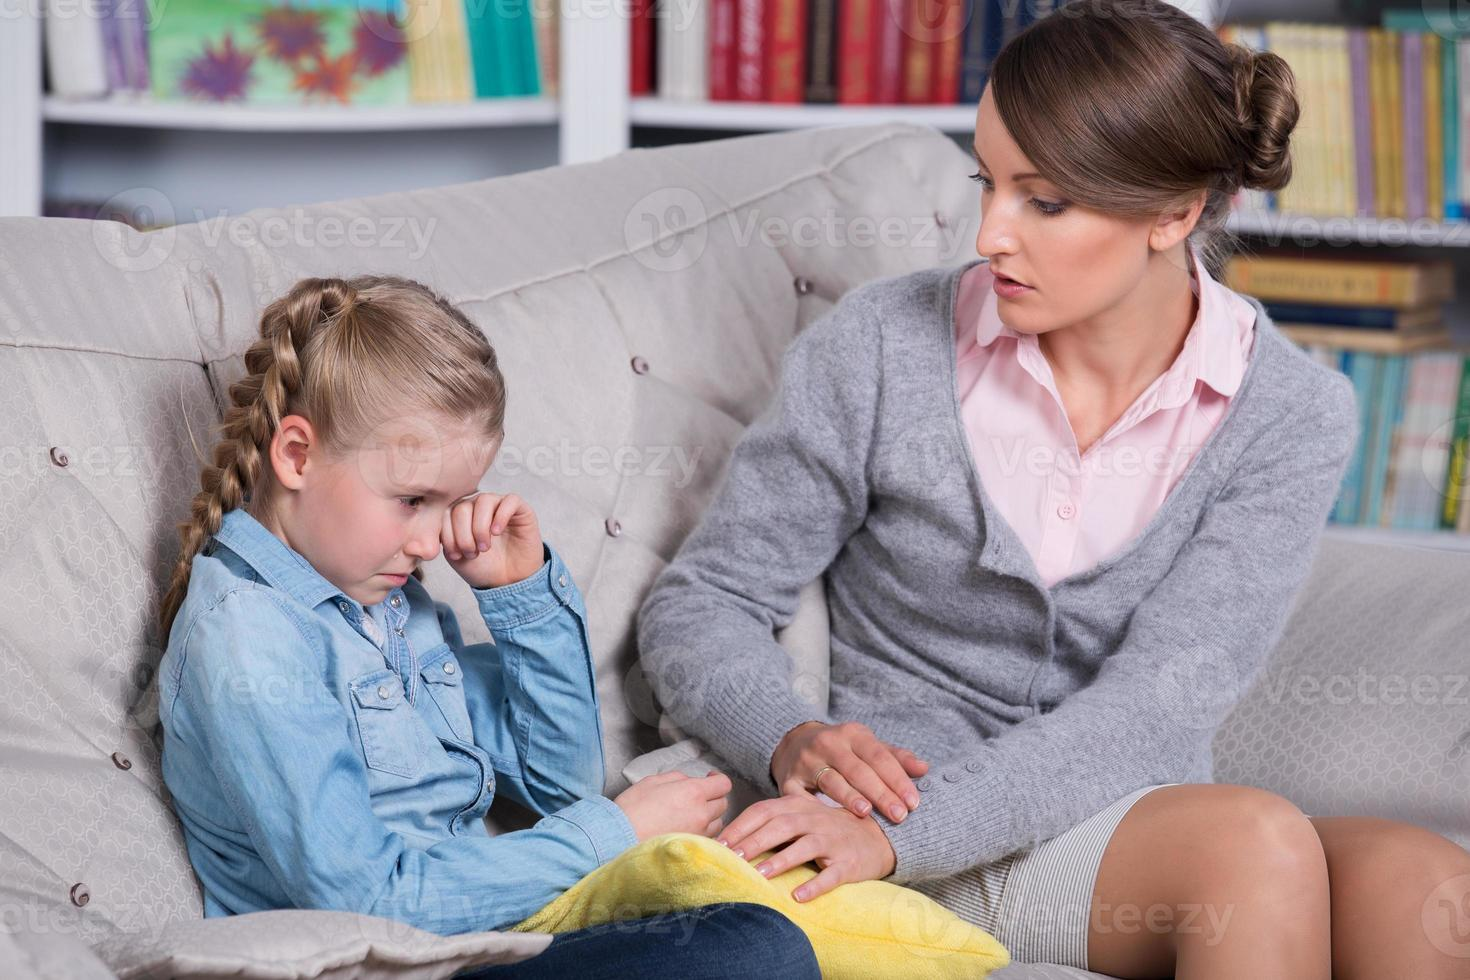 psicologa infantile confortante ragazza che piange foto